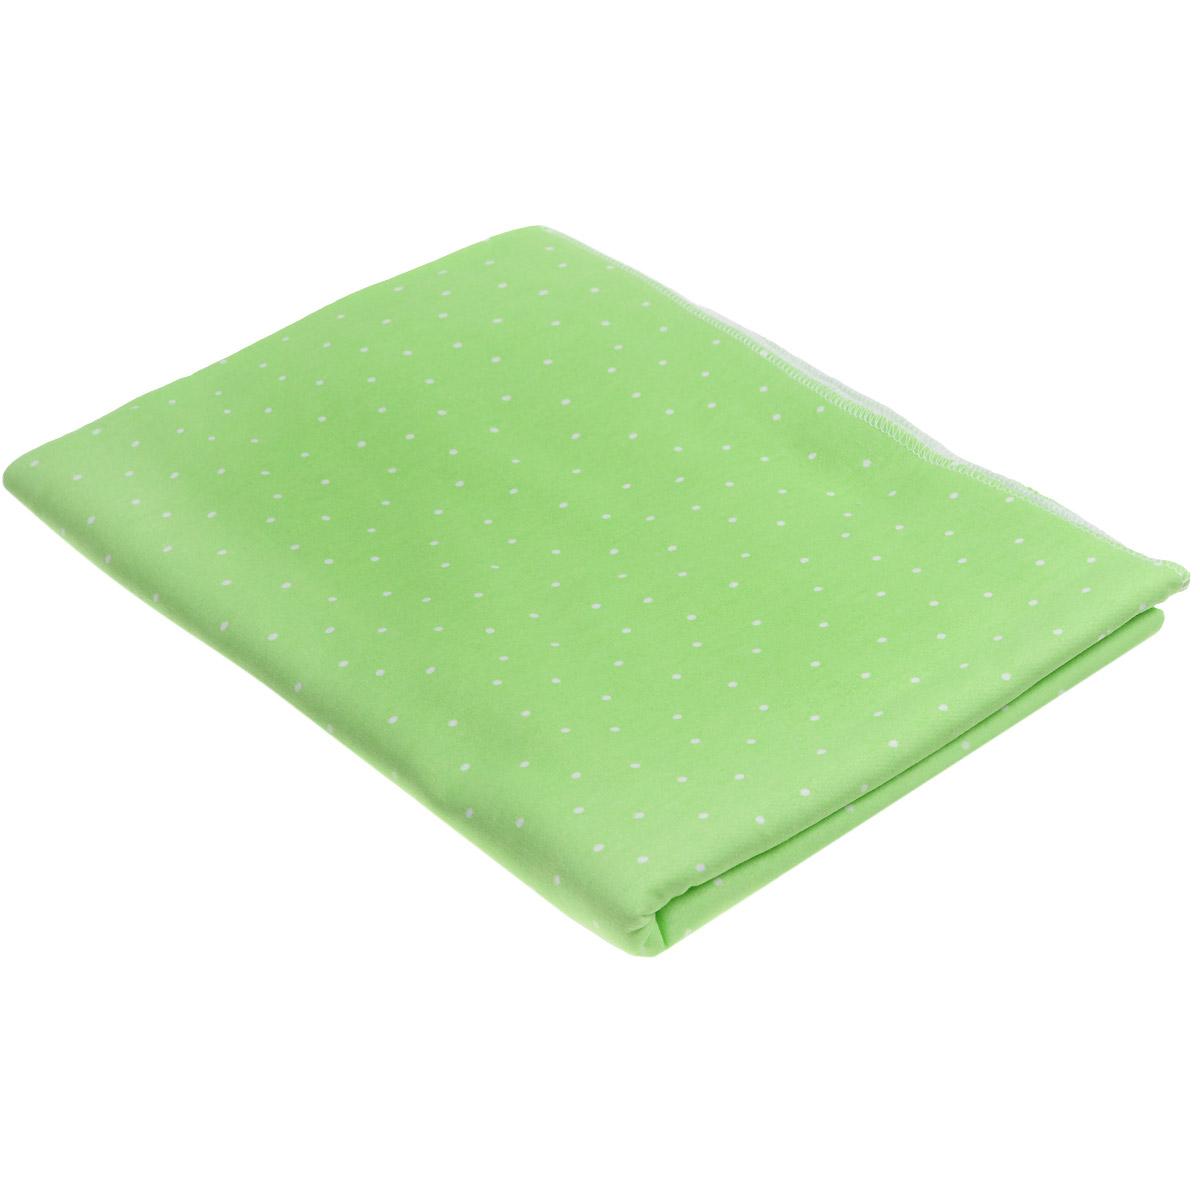 Пеленка трикотажная Трон-плюс, цвет: салатовый, белый, 120 см х 90 см5411 сал горДетская пеленка Трон-Плюс подходит для пеленания ребенка с самого рождения. Она невероятно мягкая и нежная на ощупь. Пеленка выполнена из футера - натурального трикотажного материала из хлопка, гладкого с внешней стороны, мягкого и нежного с внутренней. Такая ткань прекрасно пропускает воздух, она гипоаллергенна, не раздражает чувствительную кожу ребенка, почти не мнется и не теряет формы после стирки. Мягкая ткань укутывает малыша с необычайной нежностью. Пеленку также можно использовать как легкое одеяло в жаркую погоду, простынку, полотенце после купания, накидку для кормления грудью или солнцезащитный козырек. Ее размер подходит для пеленания даже крупного малыша.